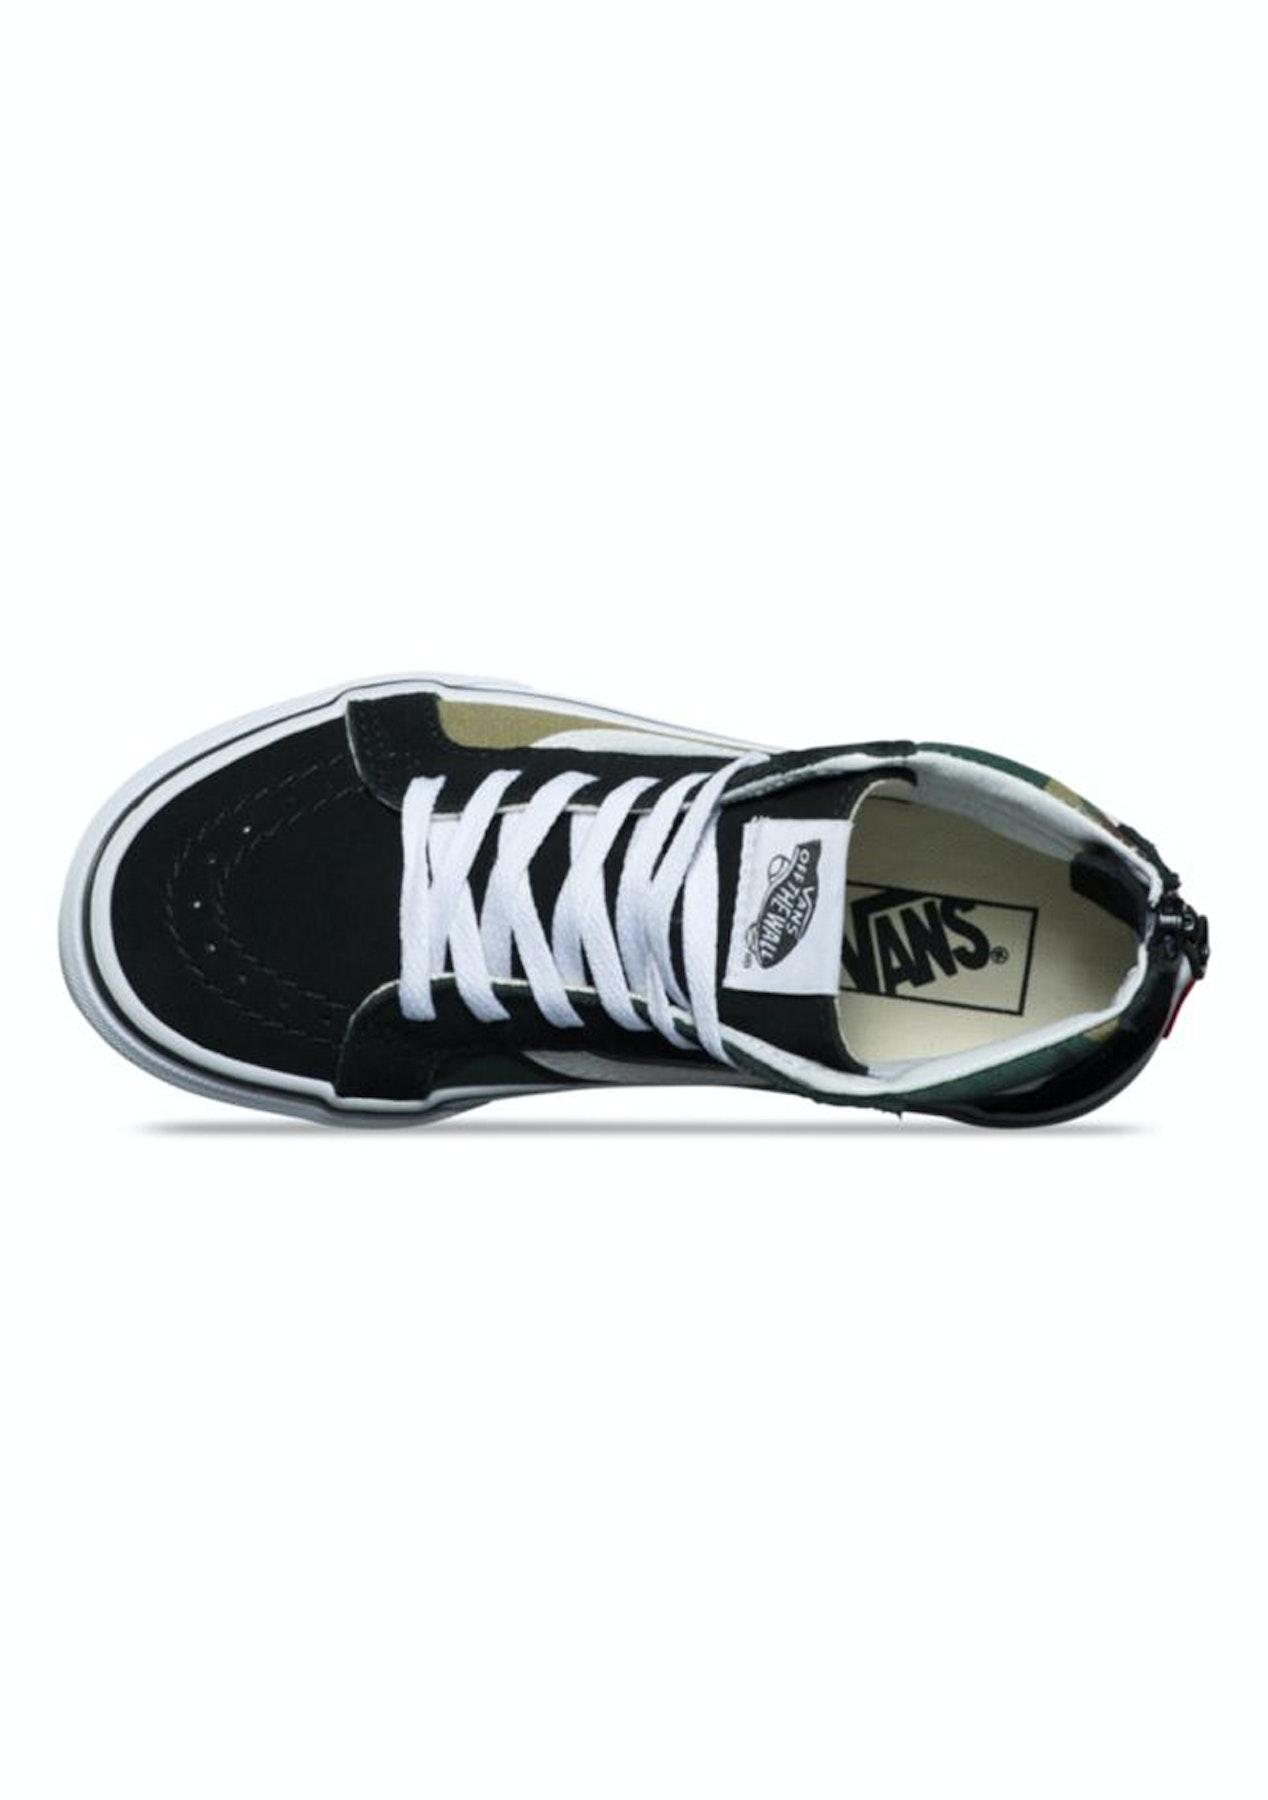 845003bbff35 Vans - Kids Sk8-Hi Zip (Woodland Camo) - Black - Vans - Onceit